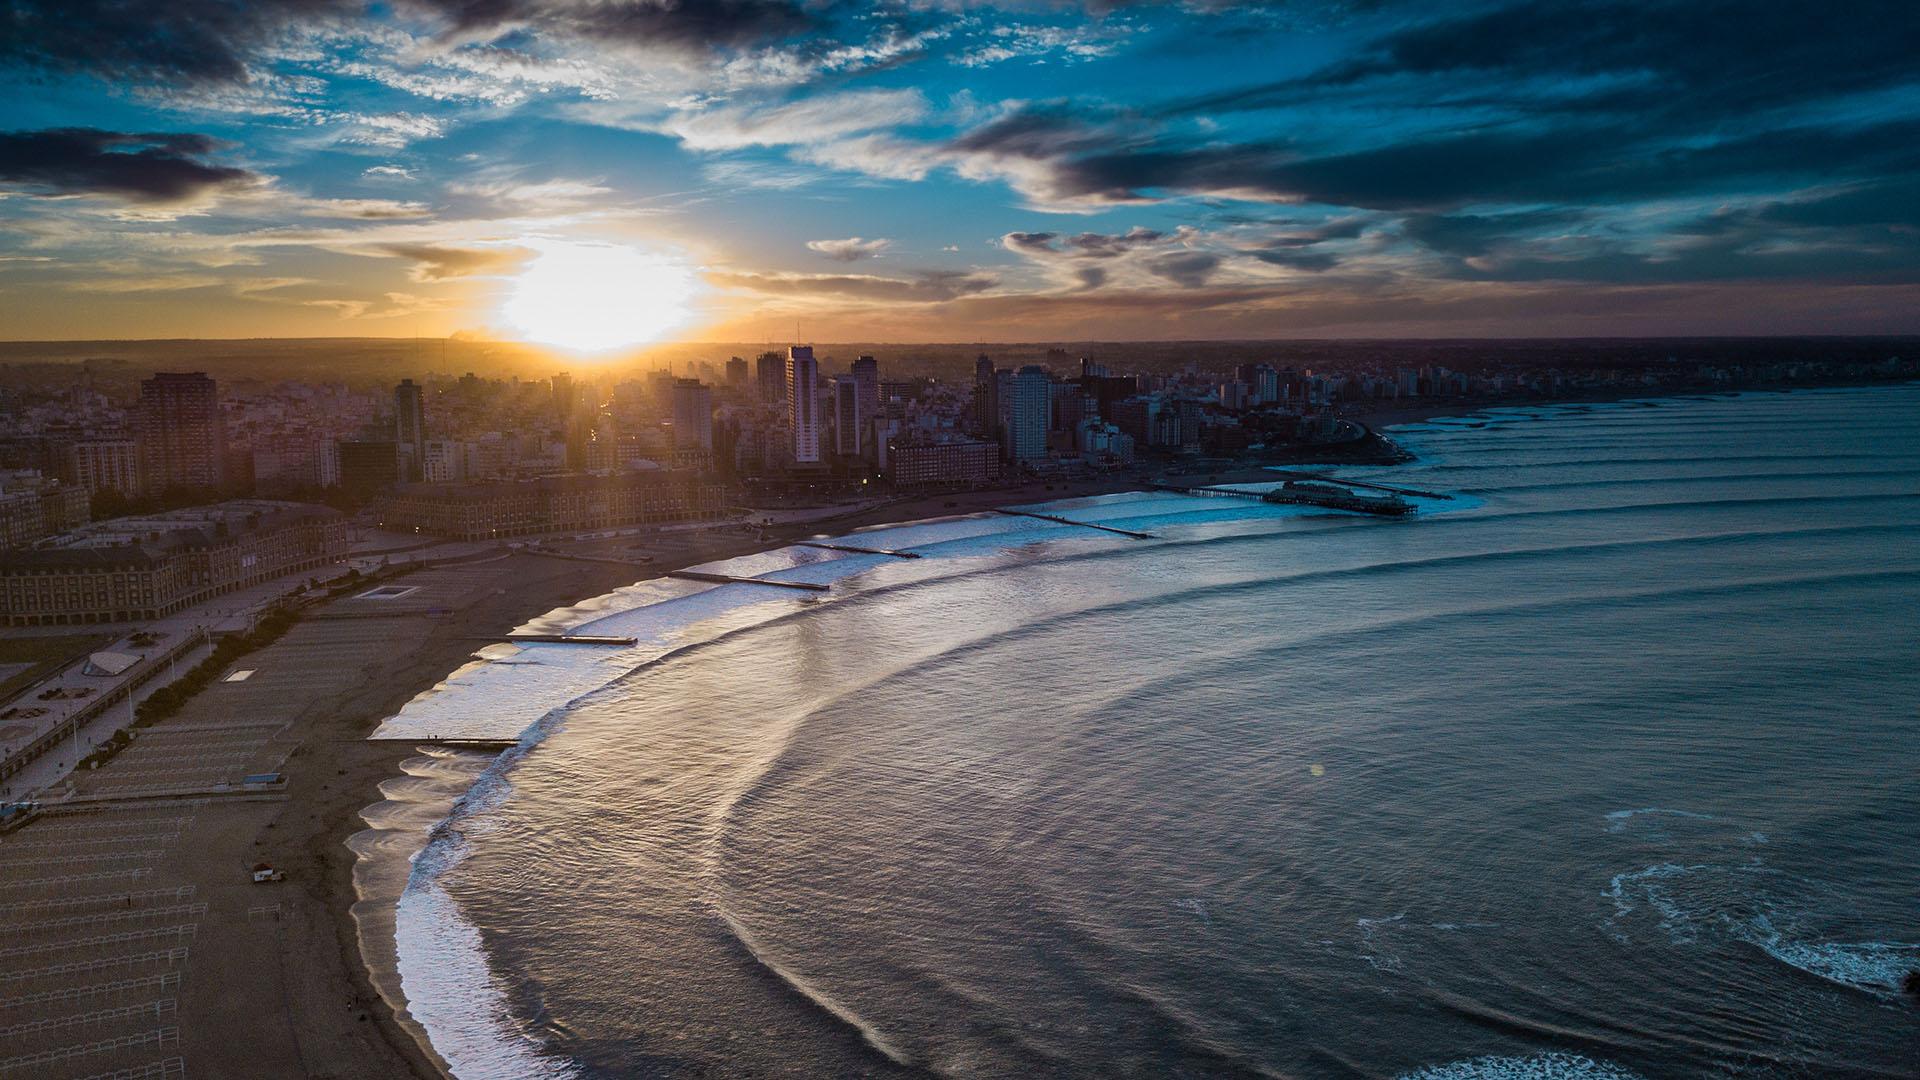 La Playa Bristol es un famoso balneario argentino ubicado frente al centro urbano de la ciudad